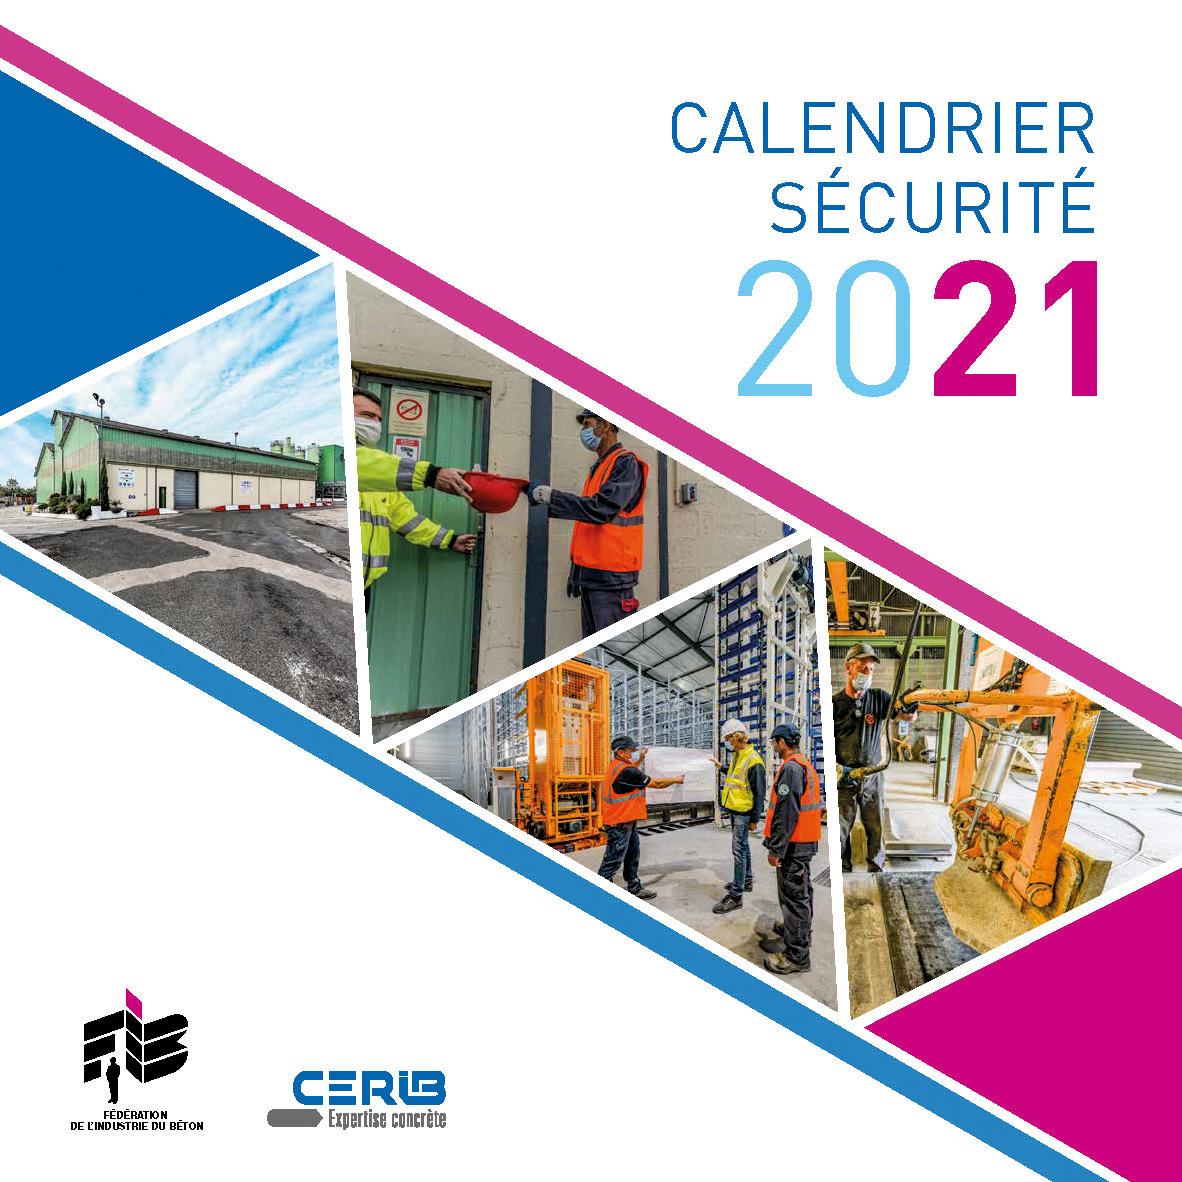 Calendrier Sécurité FIB / CERIB 2021